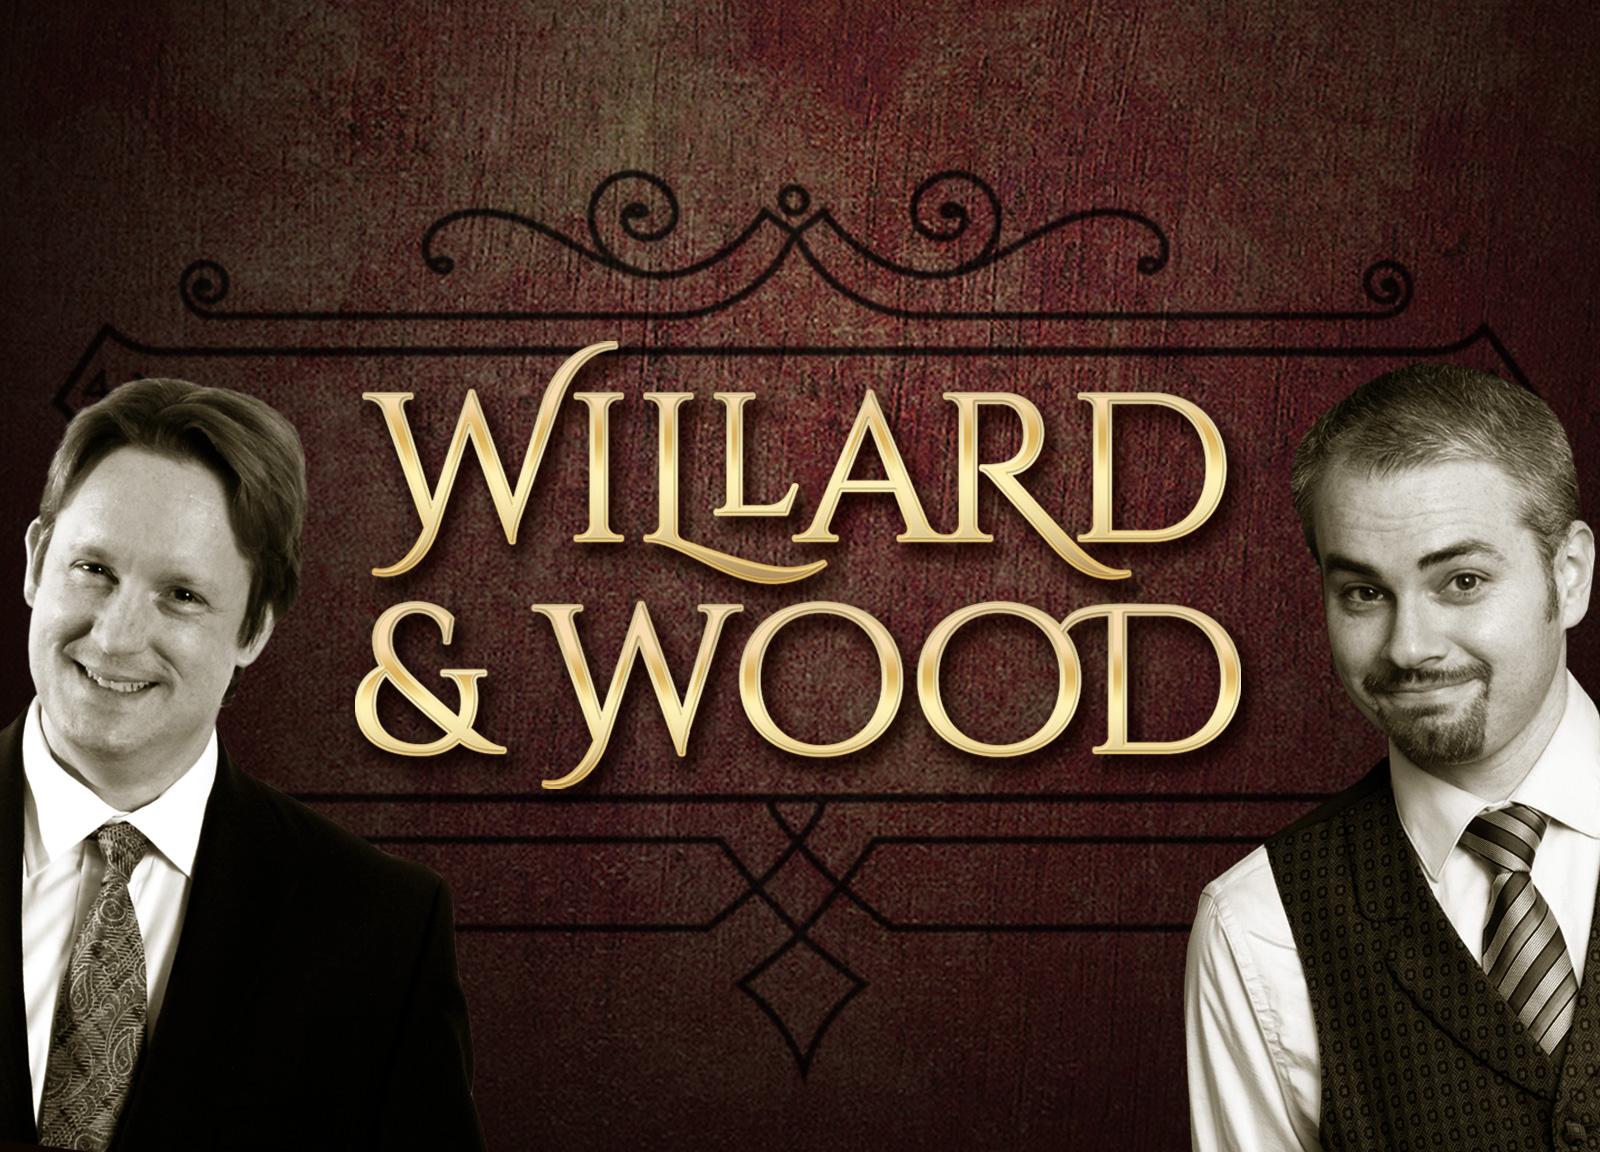 Willard & Wood